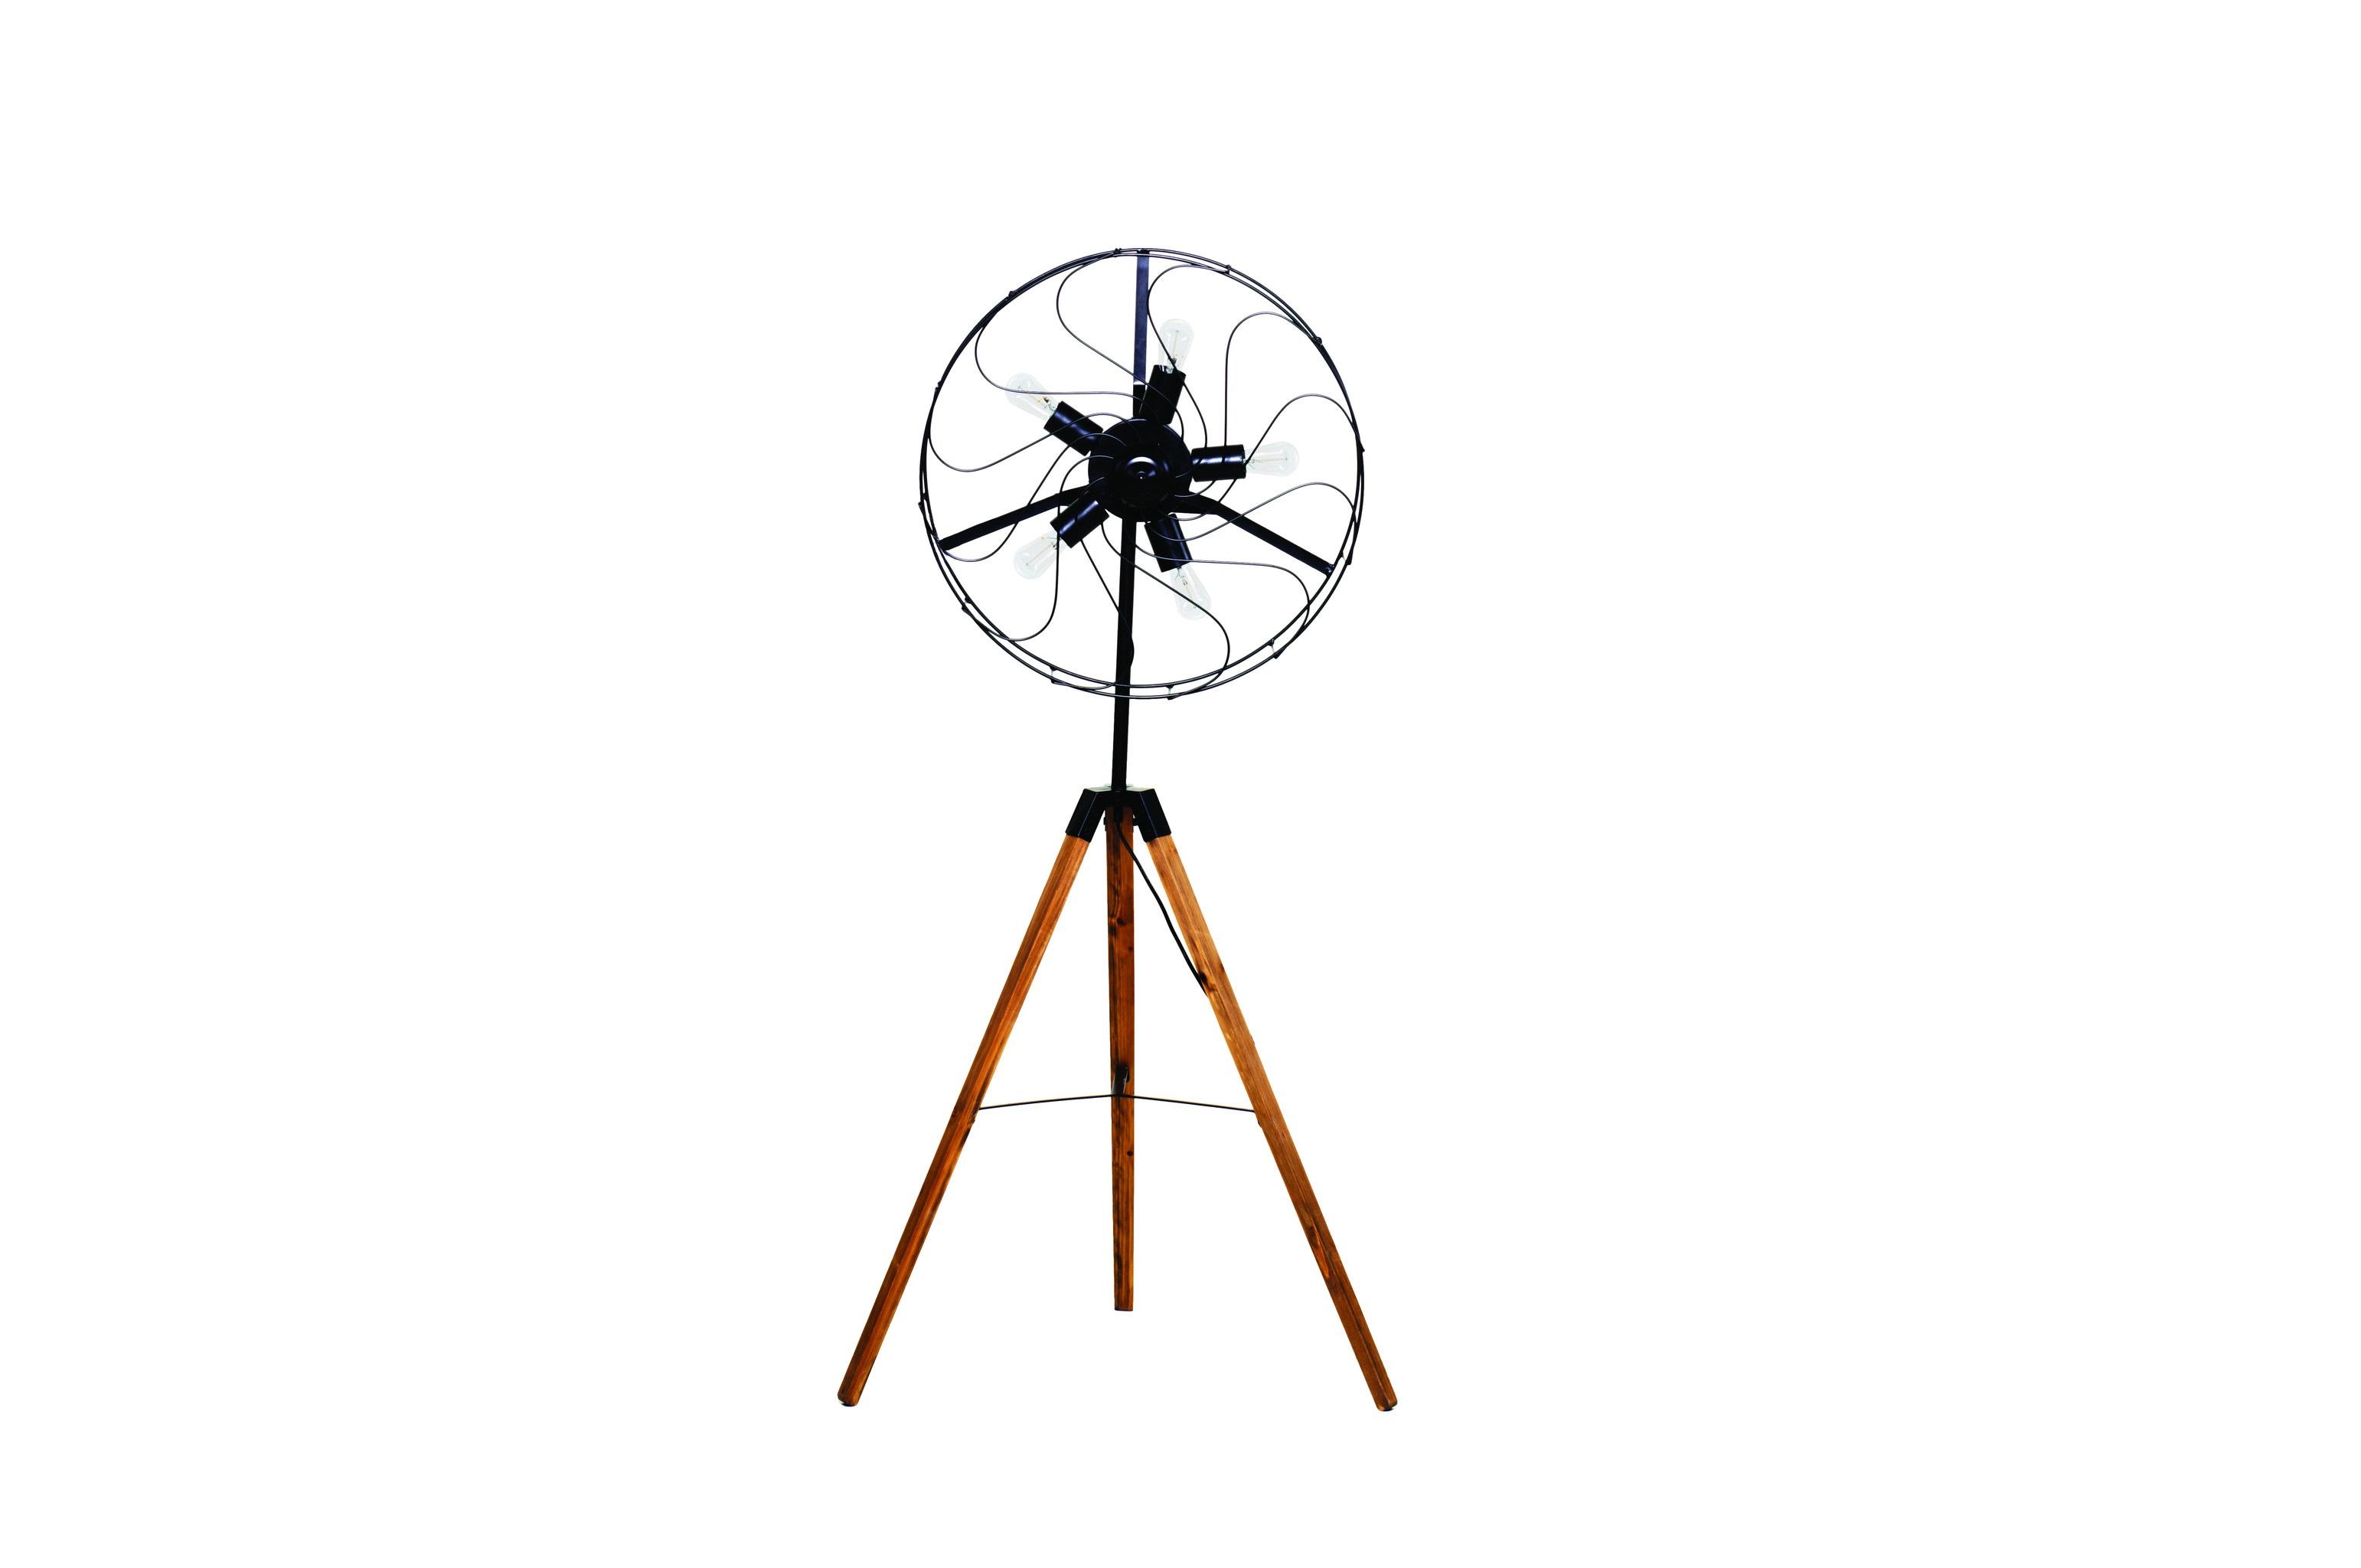 Напольная лампа HelycopterНапольные светильники<br>Лампа &amp;quot;Helycopter&amp;quot; своим силуэтом больше напоминает бытовой вентилятор, чем осветительный прибор. Она выполена содинением необработанных металлических и деревянных деталей, рождающих брутальный стиль лофт. Такая лампа, одновременно являющаяся декором, наполнит комнату прохладой сдержанного, но оригинального промышленного дизайна.&amp;amp;nbsp;<br><br><br><br>&amp;lt;div&amp;gt;&amp;lt;br&amp;gt;&amp;lt;/div&amp;gt;&amp;lt;div&amp;gt;Галогенная&amp;amp;nbsp;&amp;lt;/div&amp;gt;&amp;lt;div&amp;gt;Цоколь: Е14&amp;amp;nbsp;&amp;lt;/div&amp;gt;&amp;lt;div&amp;gt;Мощность: 60W&amp;amp;nbsp;&amp;lt;/div&amp;gt;&amp;lt;div&amp;gt;5 ламп в комплект не входят&amp;lt;/div&amp;gt;<br><br>Material: Металл<br>Ширина см: 60<br>Высота см: 142